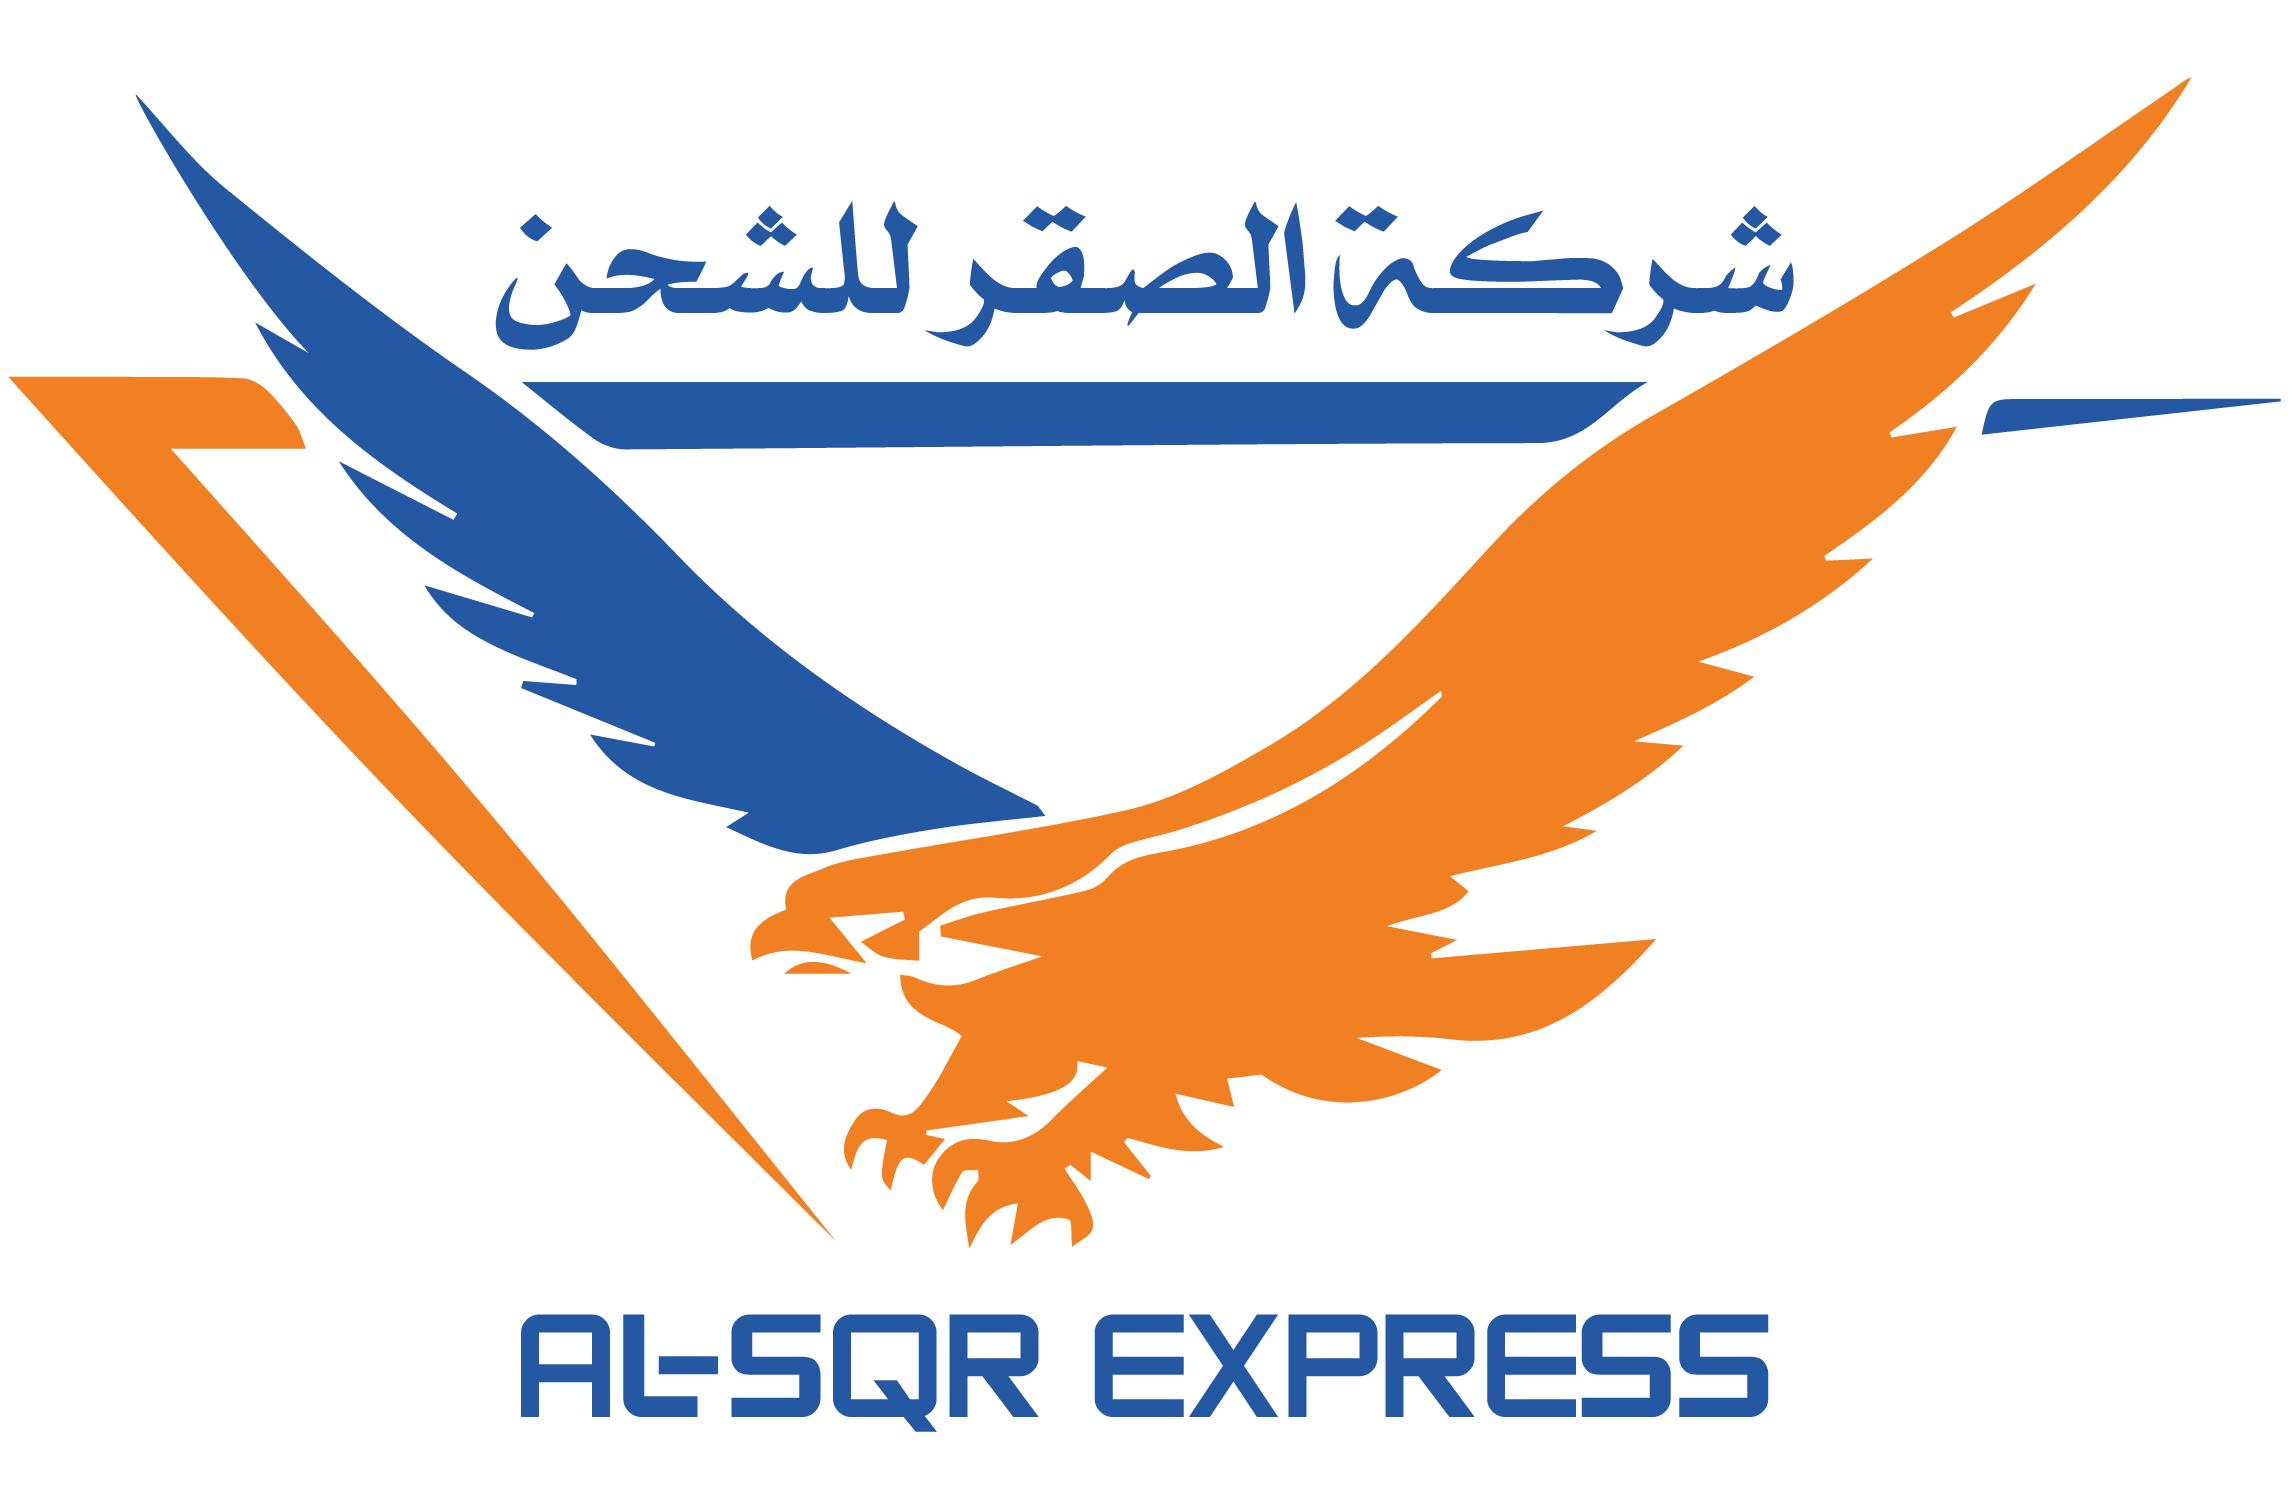 Al-SQR EXPRESS